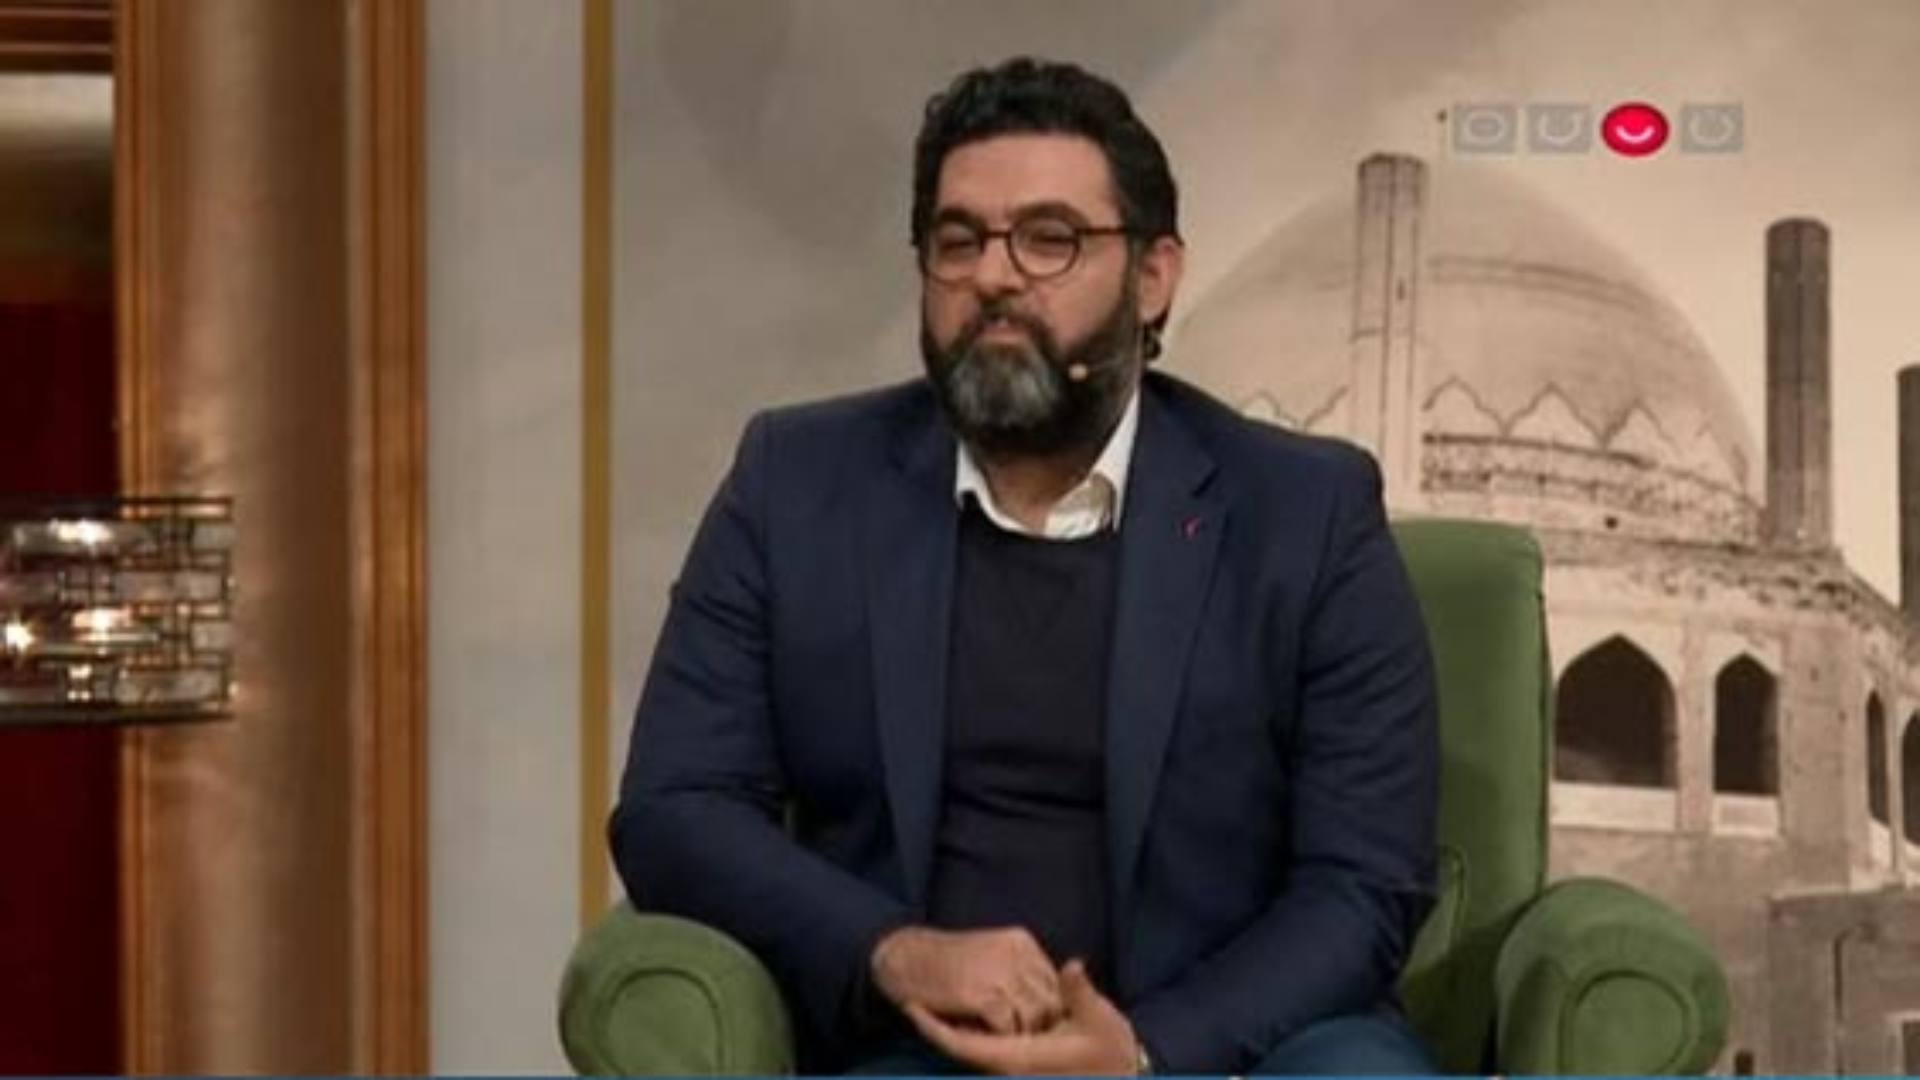 صحبتهای مصطفی کیایی درباره چهار راه استانبول در جشنواره فیلم فجر | فیلم